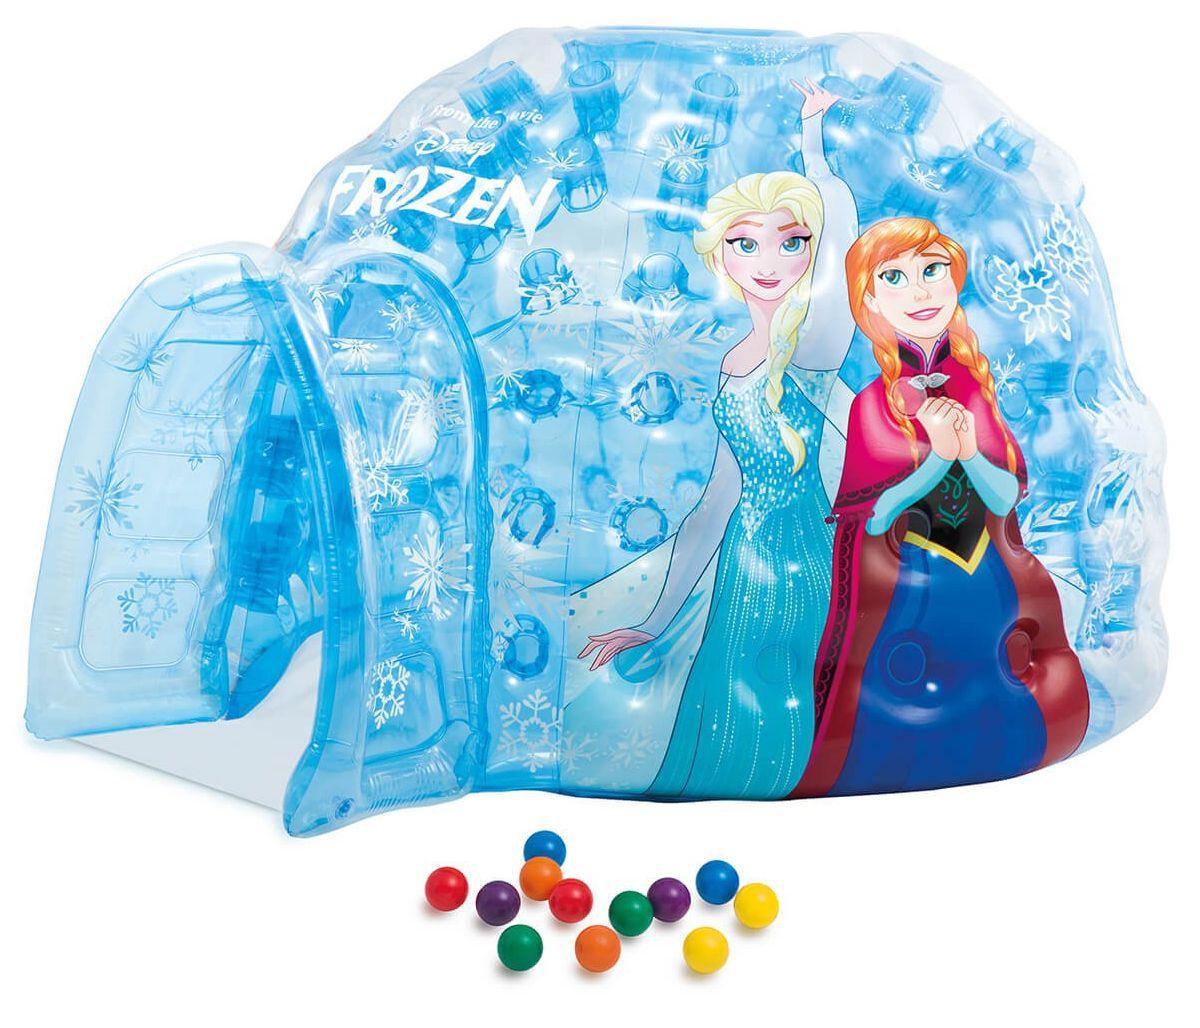 Надуваемо иглу Intex - Замръзналото кралство, с топки - 1